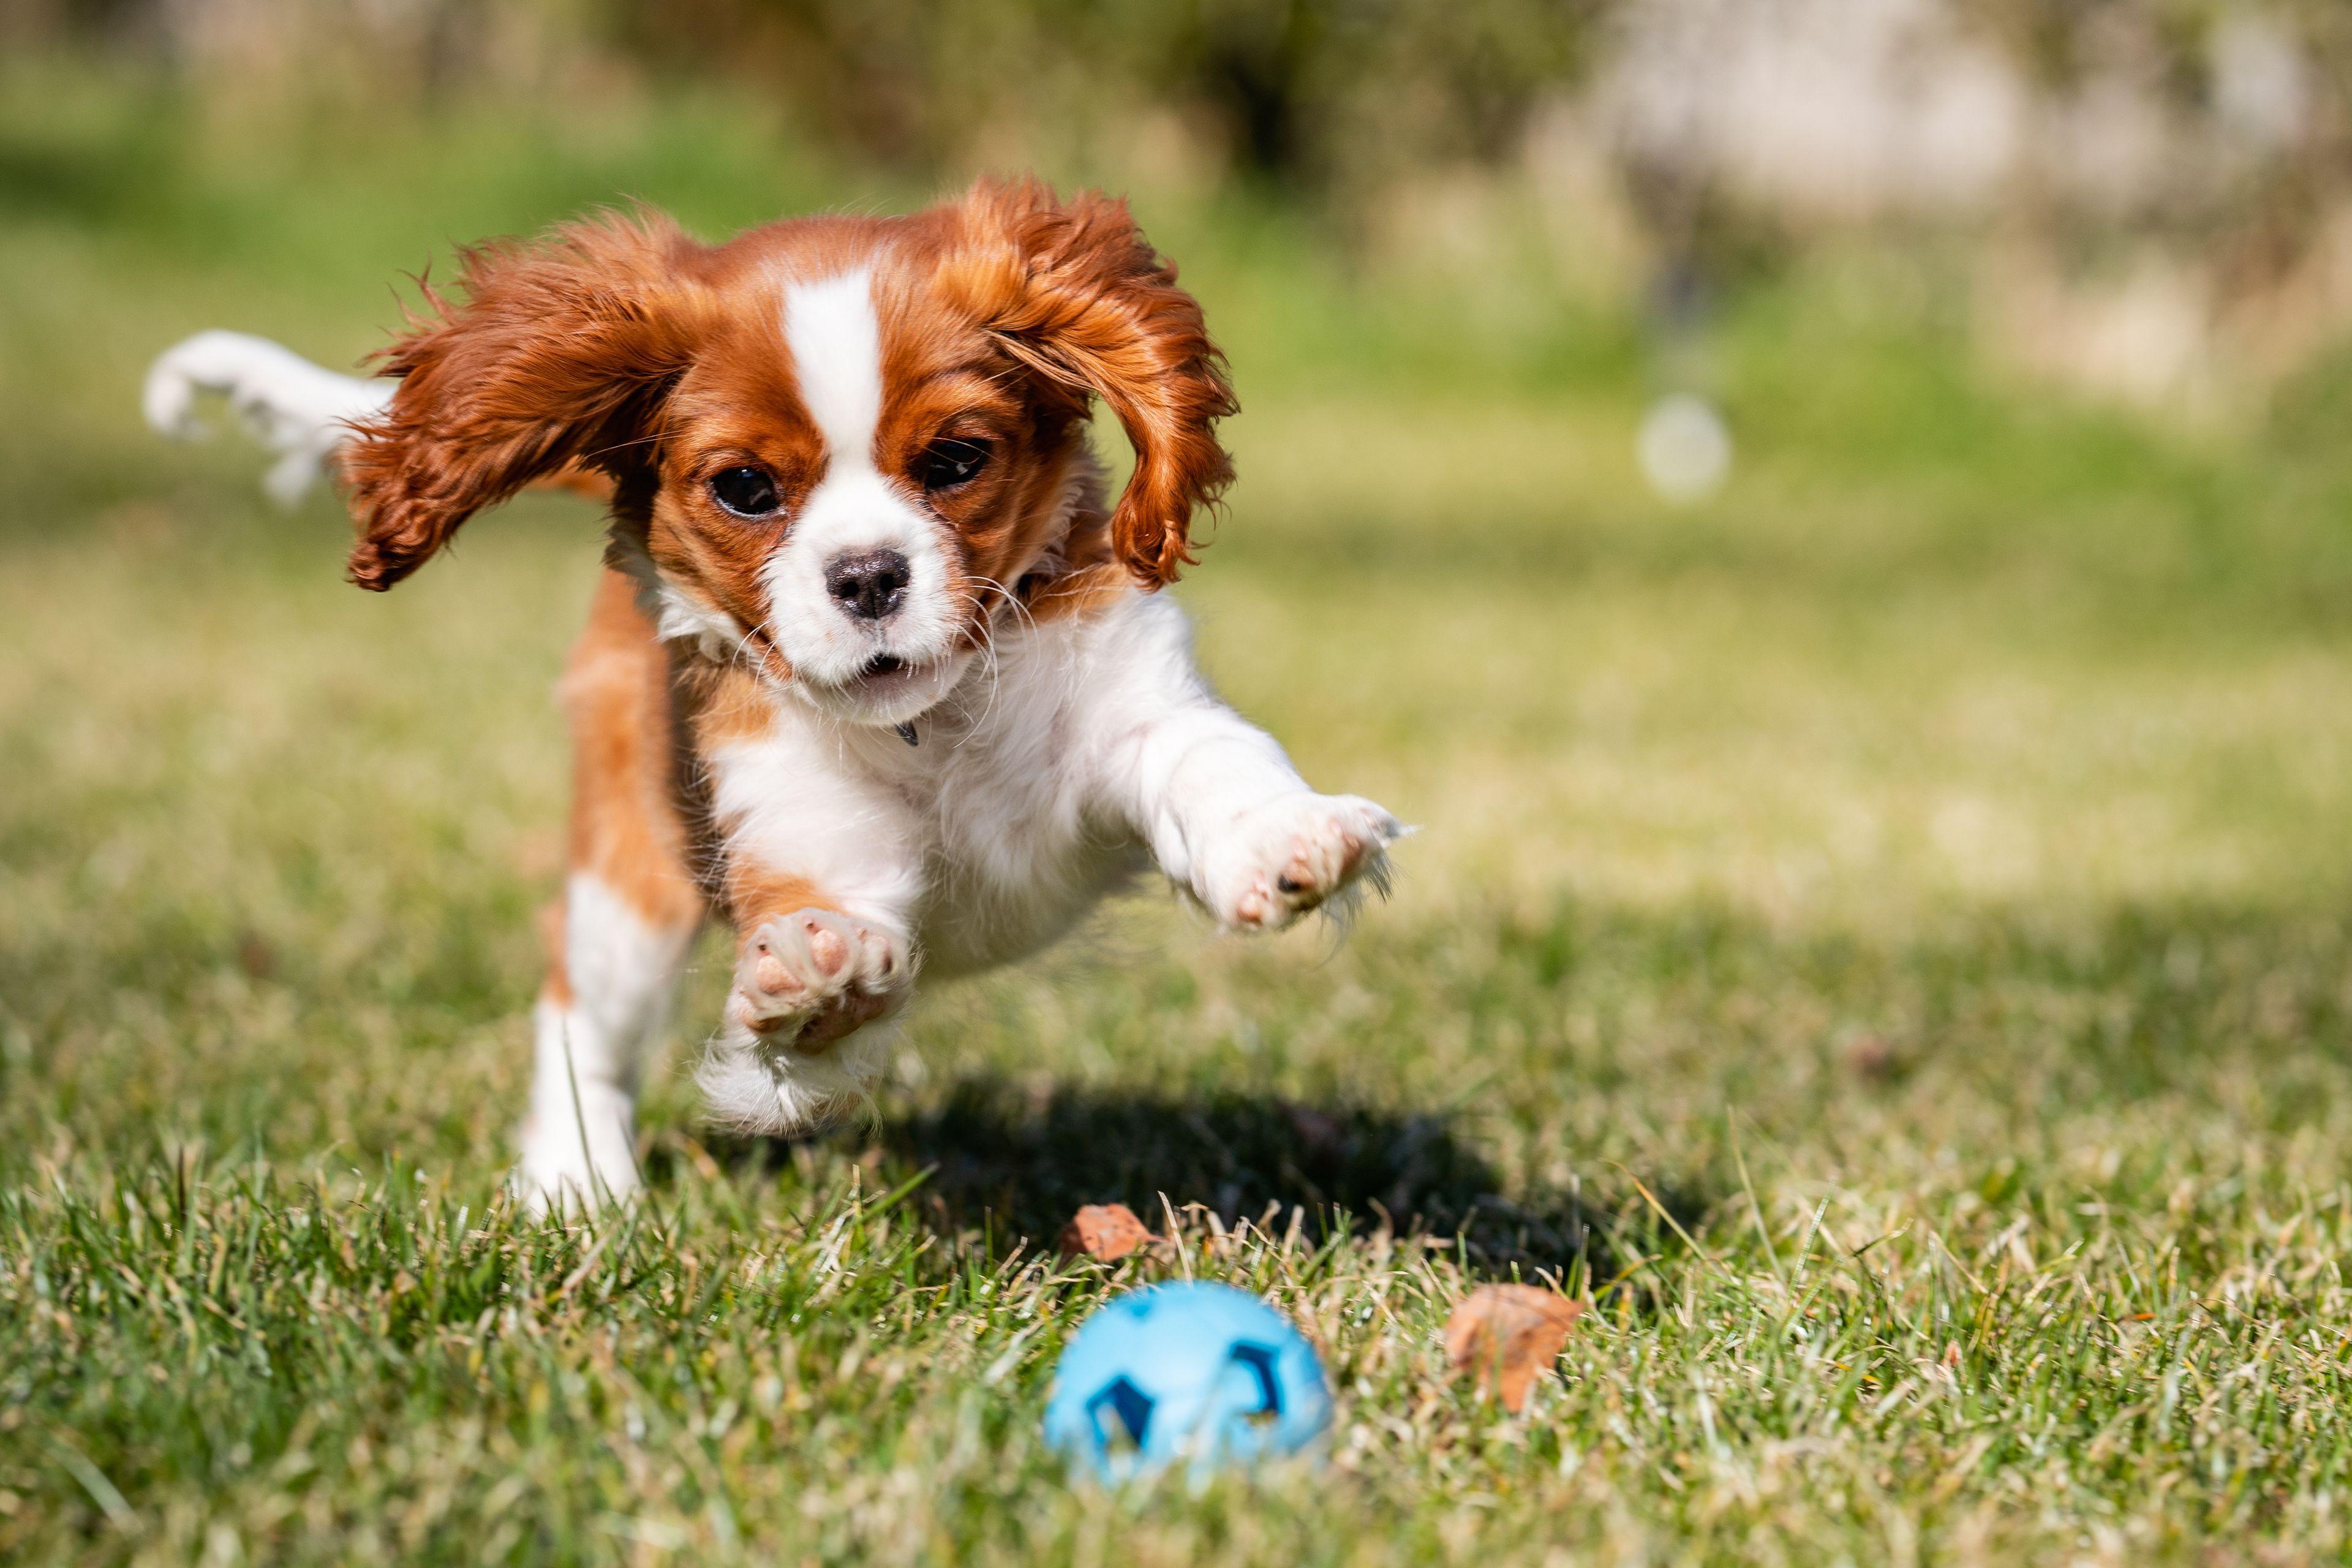 cane che rincorre una pallina in giardino